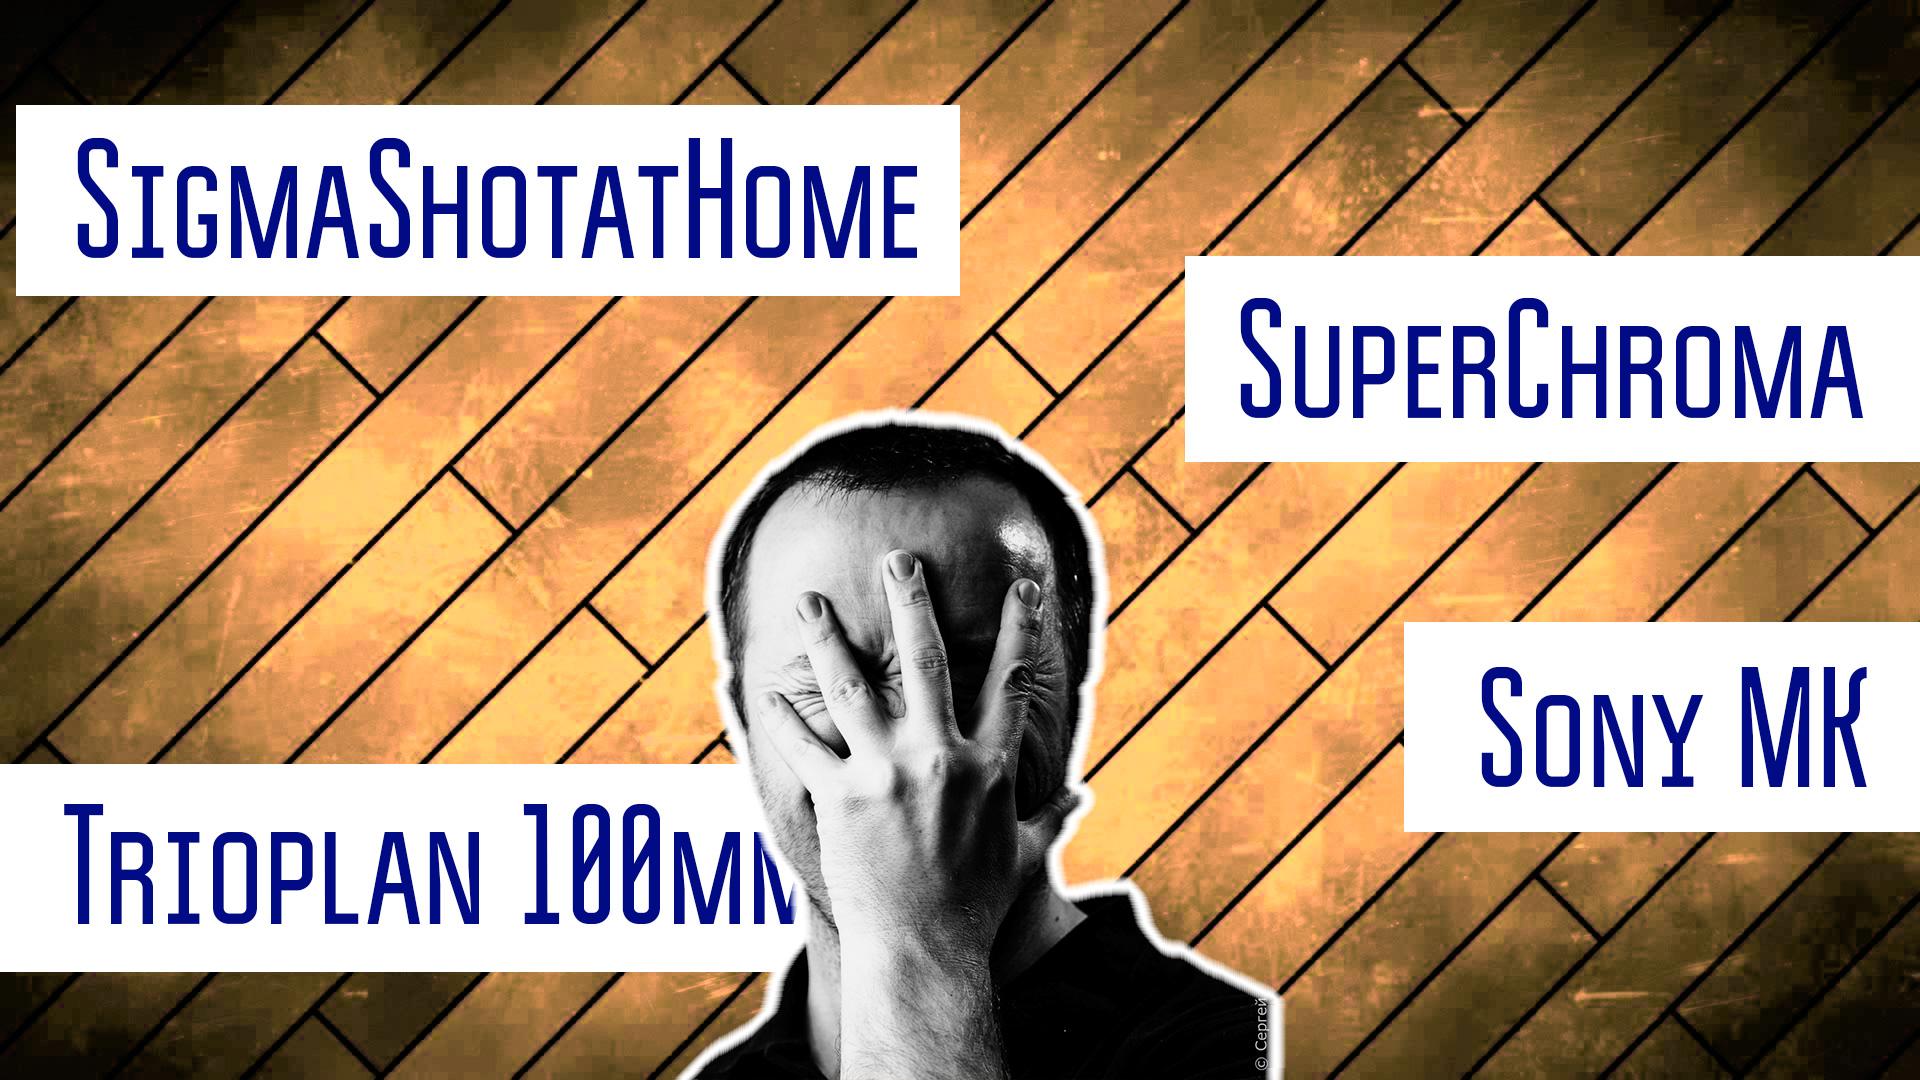 Сама себе изоляция, Sigma дома, МК Sony, SuperChroma, Trioplan и коллодионный портрет на расстоянии